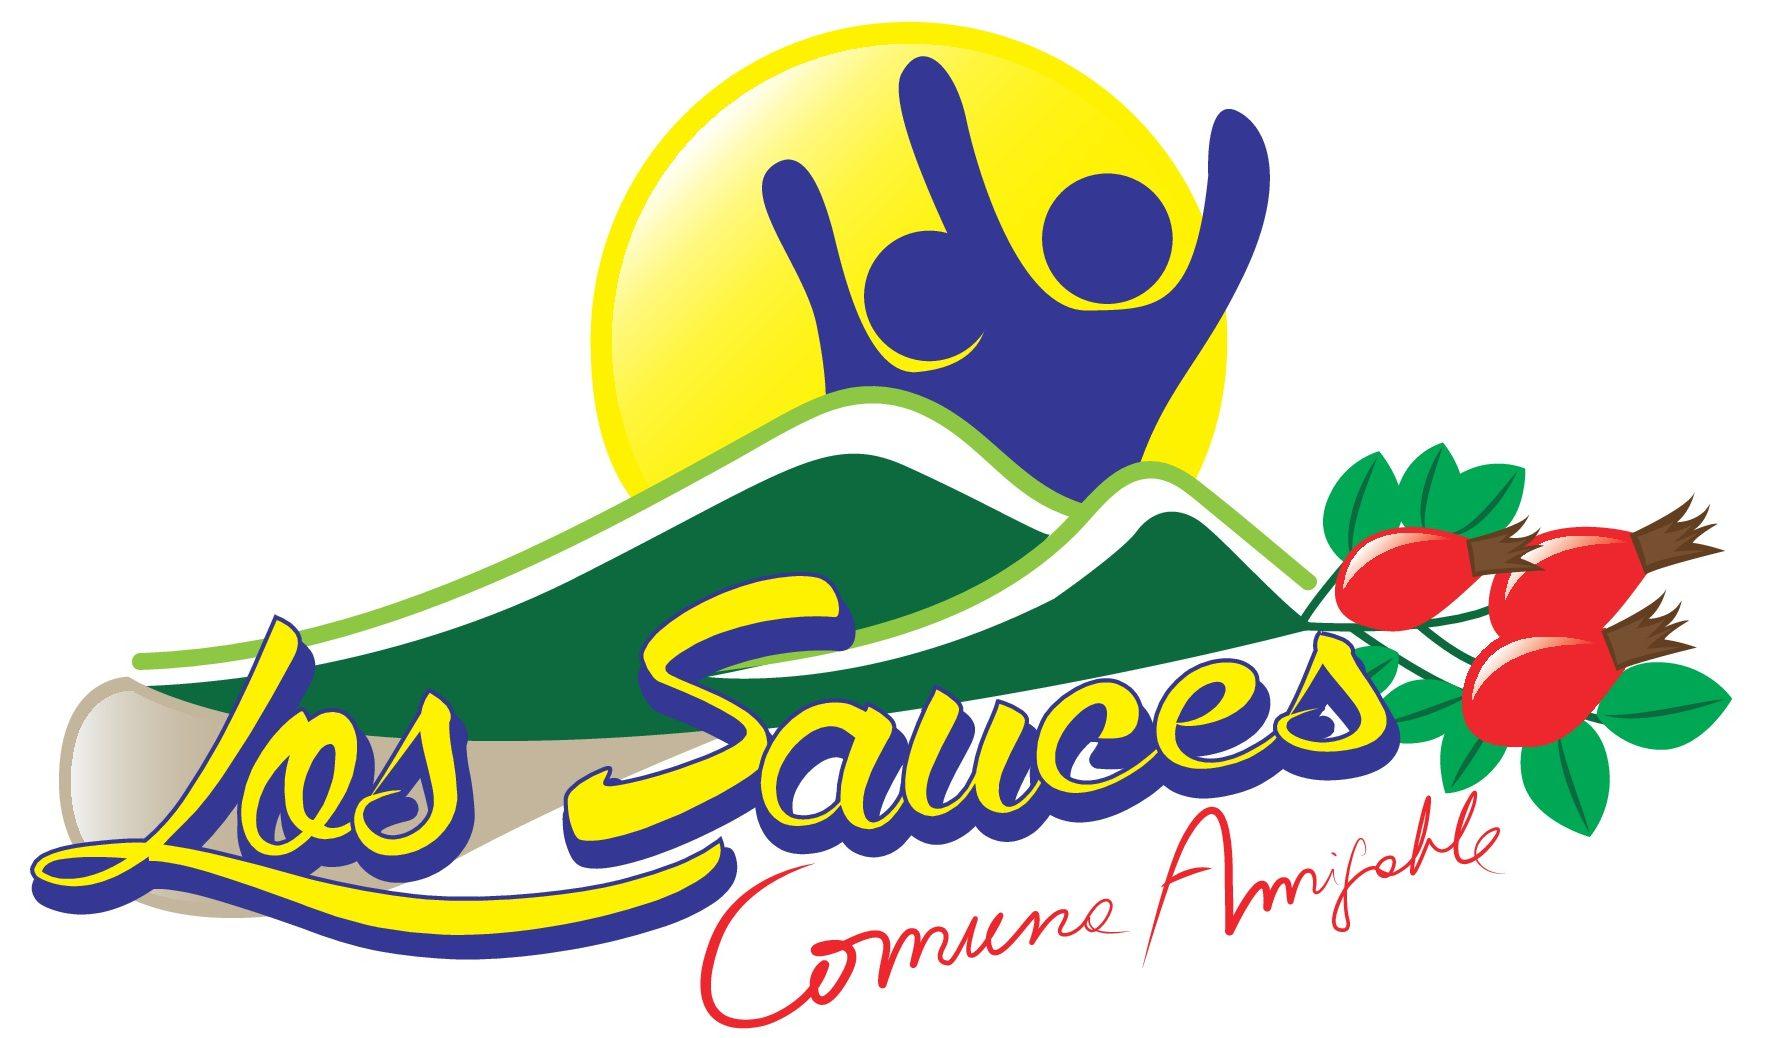 Municipalidad de Los Sauces